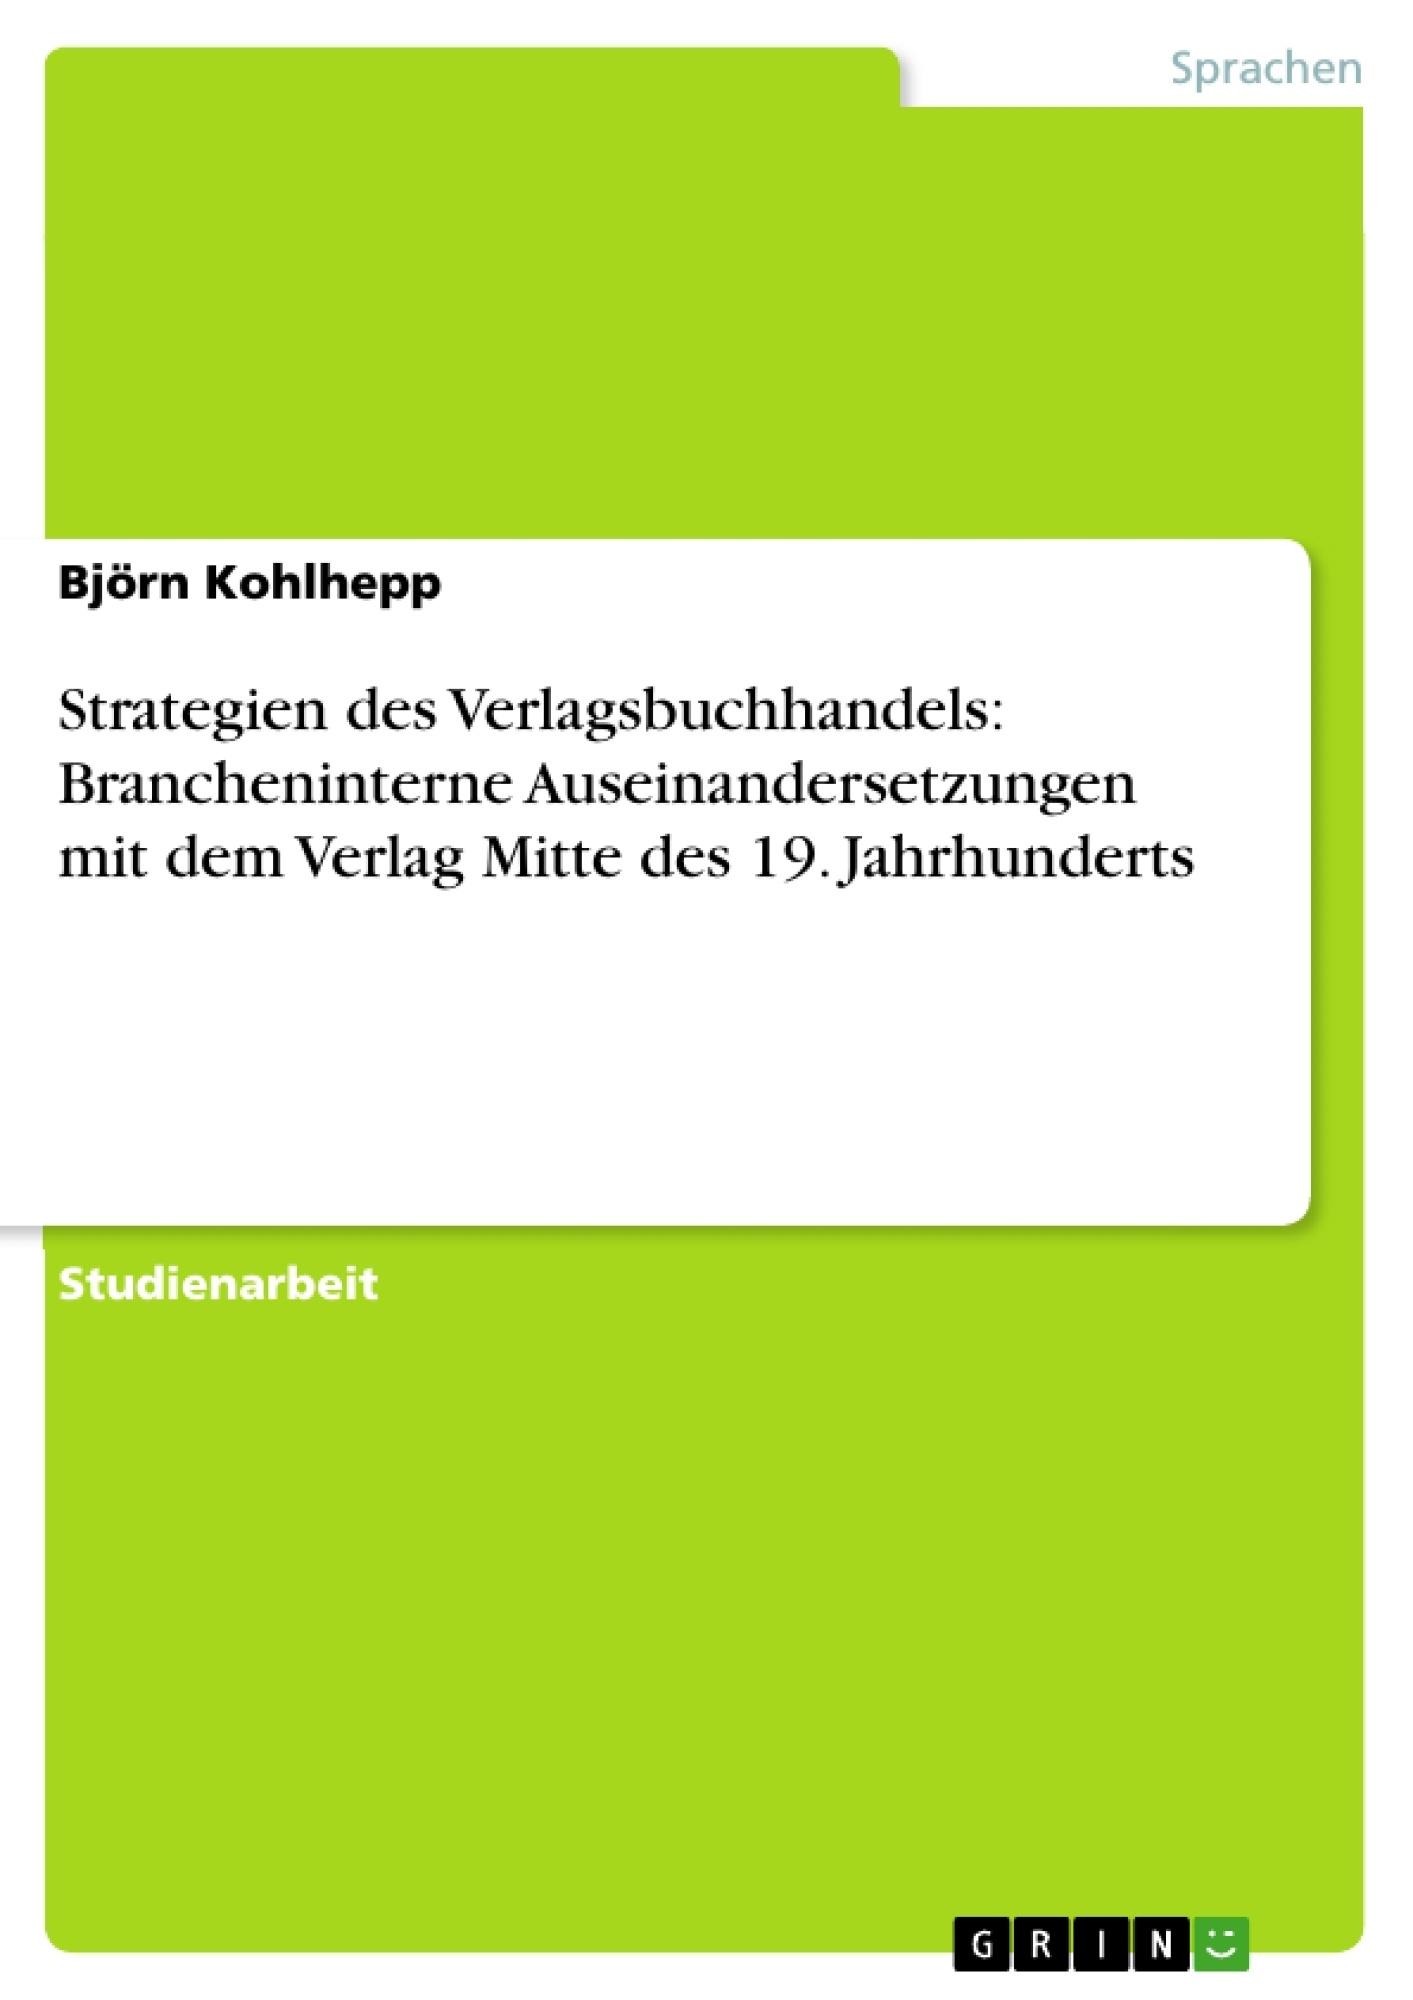 Titel: Strategien des Verlagsbuchhandels: Brancheninterne Auseinandersetzungen mit dem Verlag Mitte des 19. Jahrhunderts